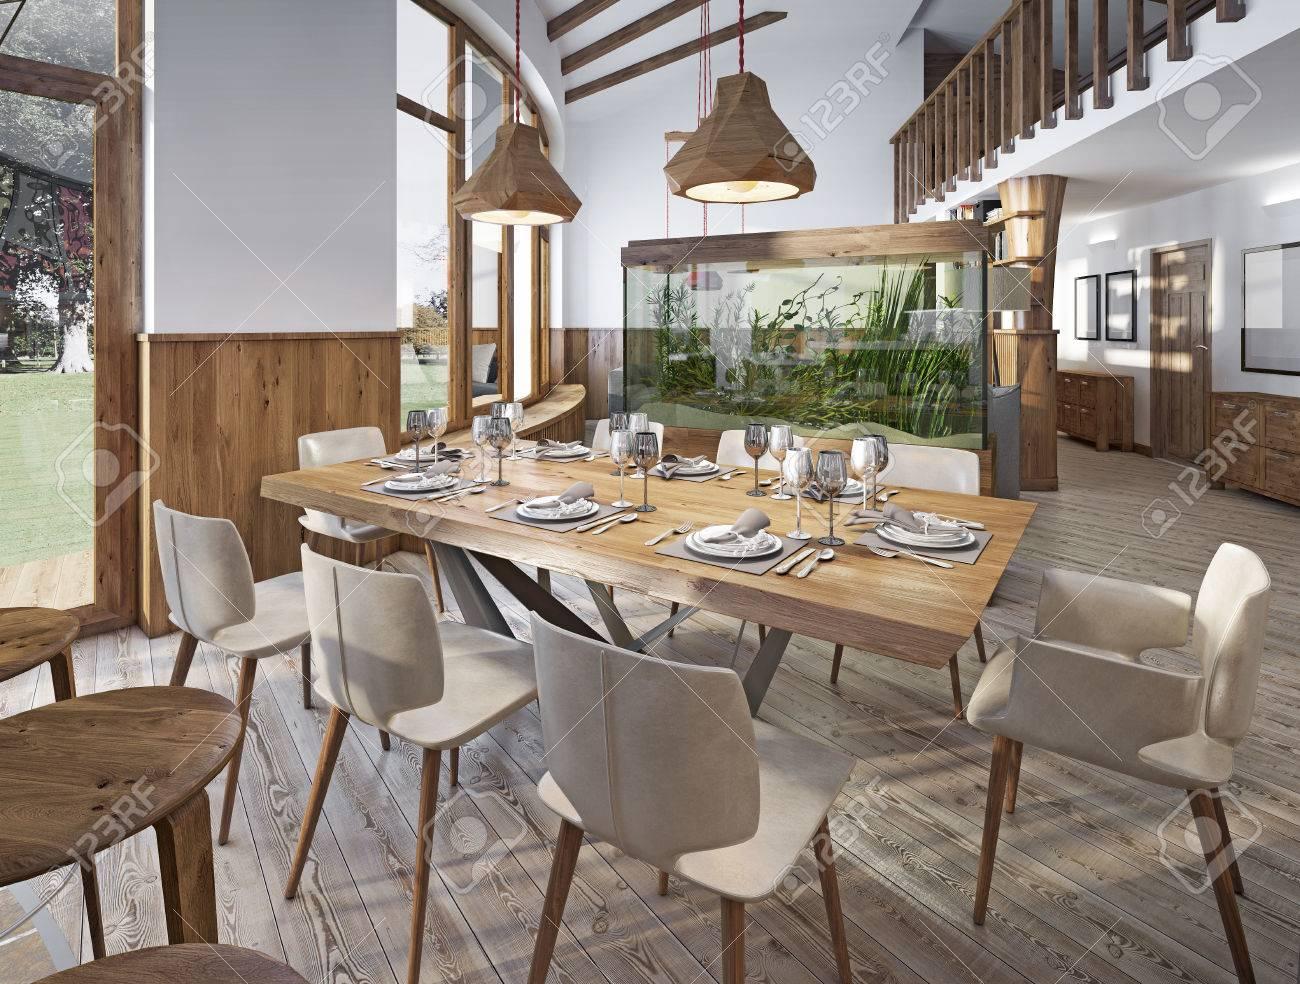 Served Table Pour Huit Personnes Dans La Salle A Manger Dans Le Loft